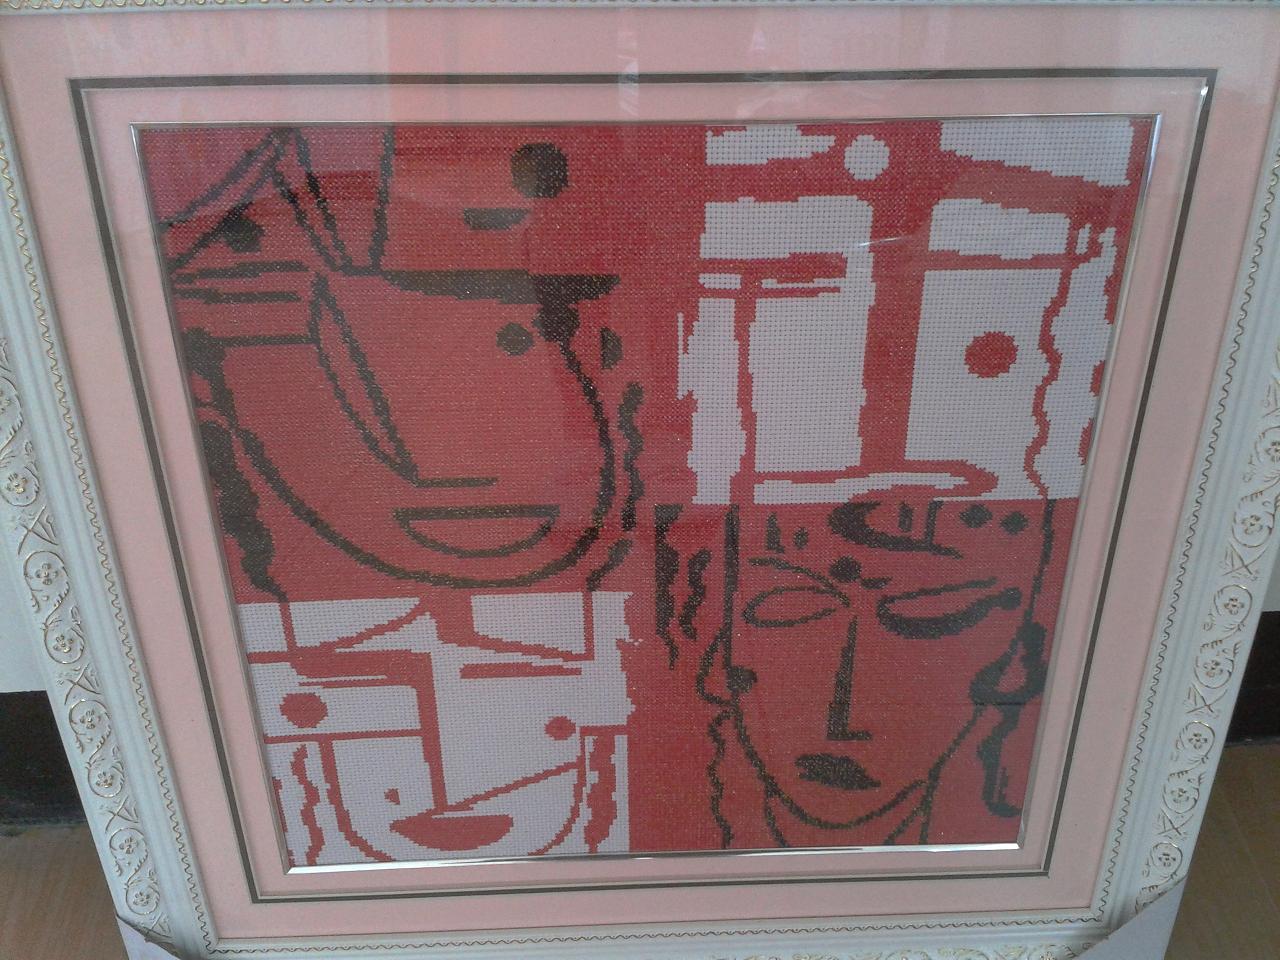 这个比较抽象,喜怒哀乐四张脸谱,52*55cm的,已框裱,也很漂亮